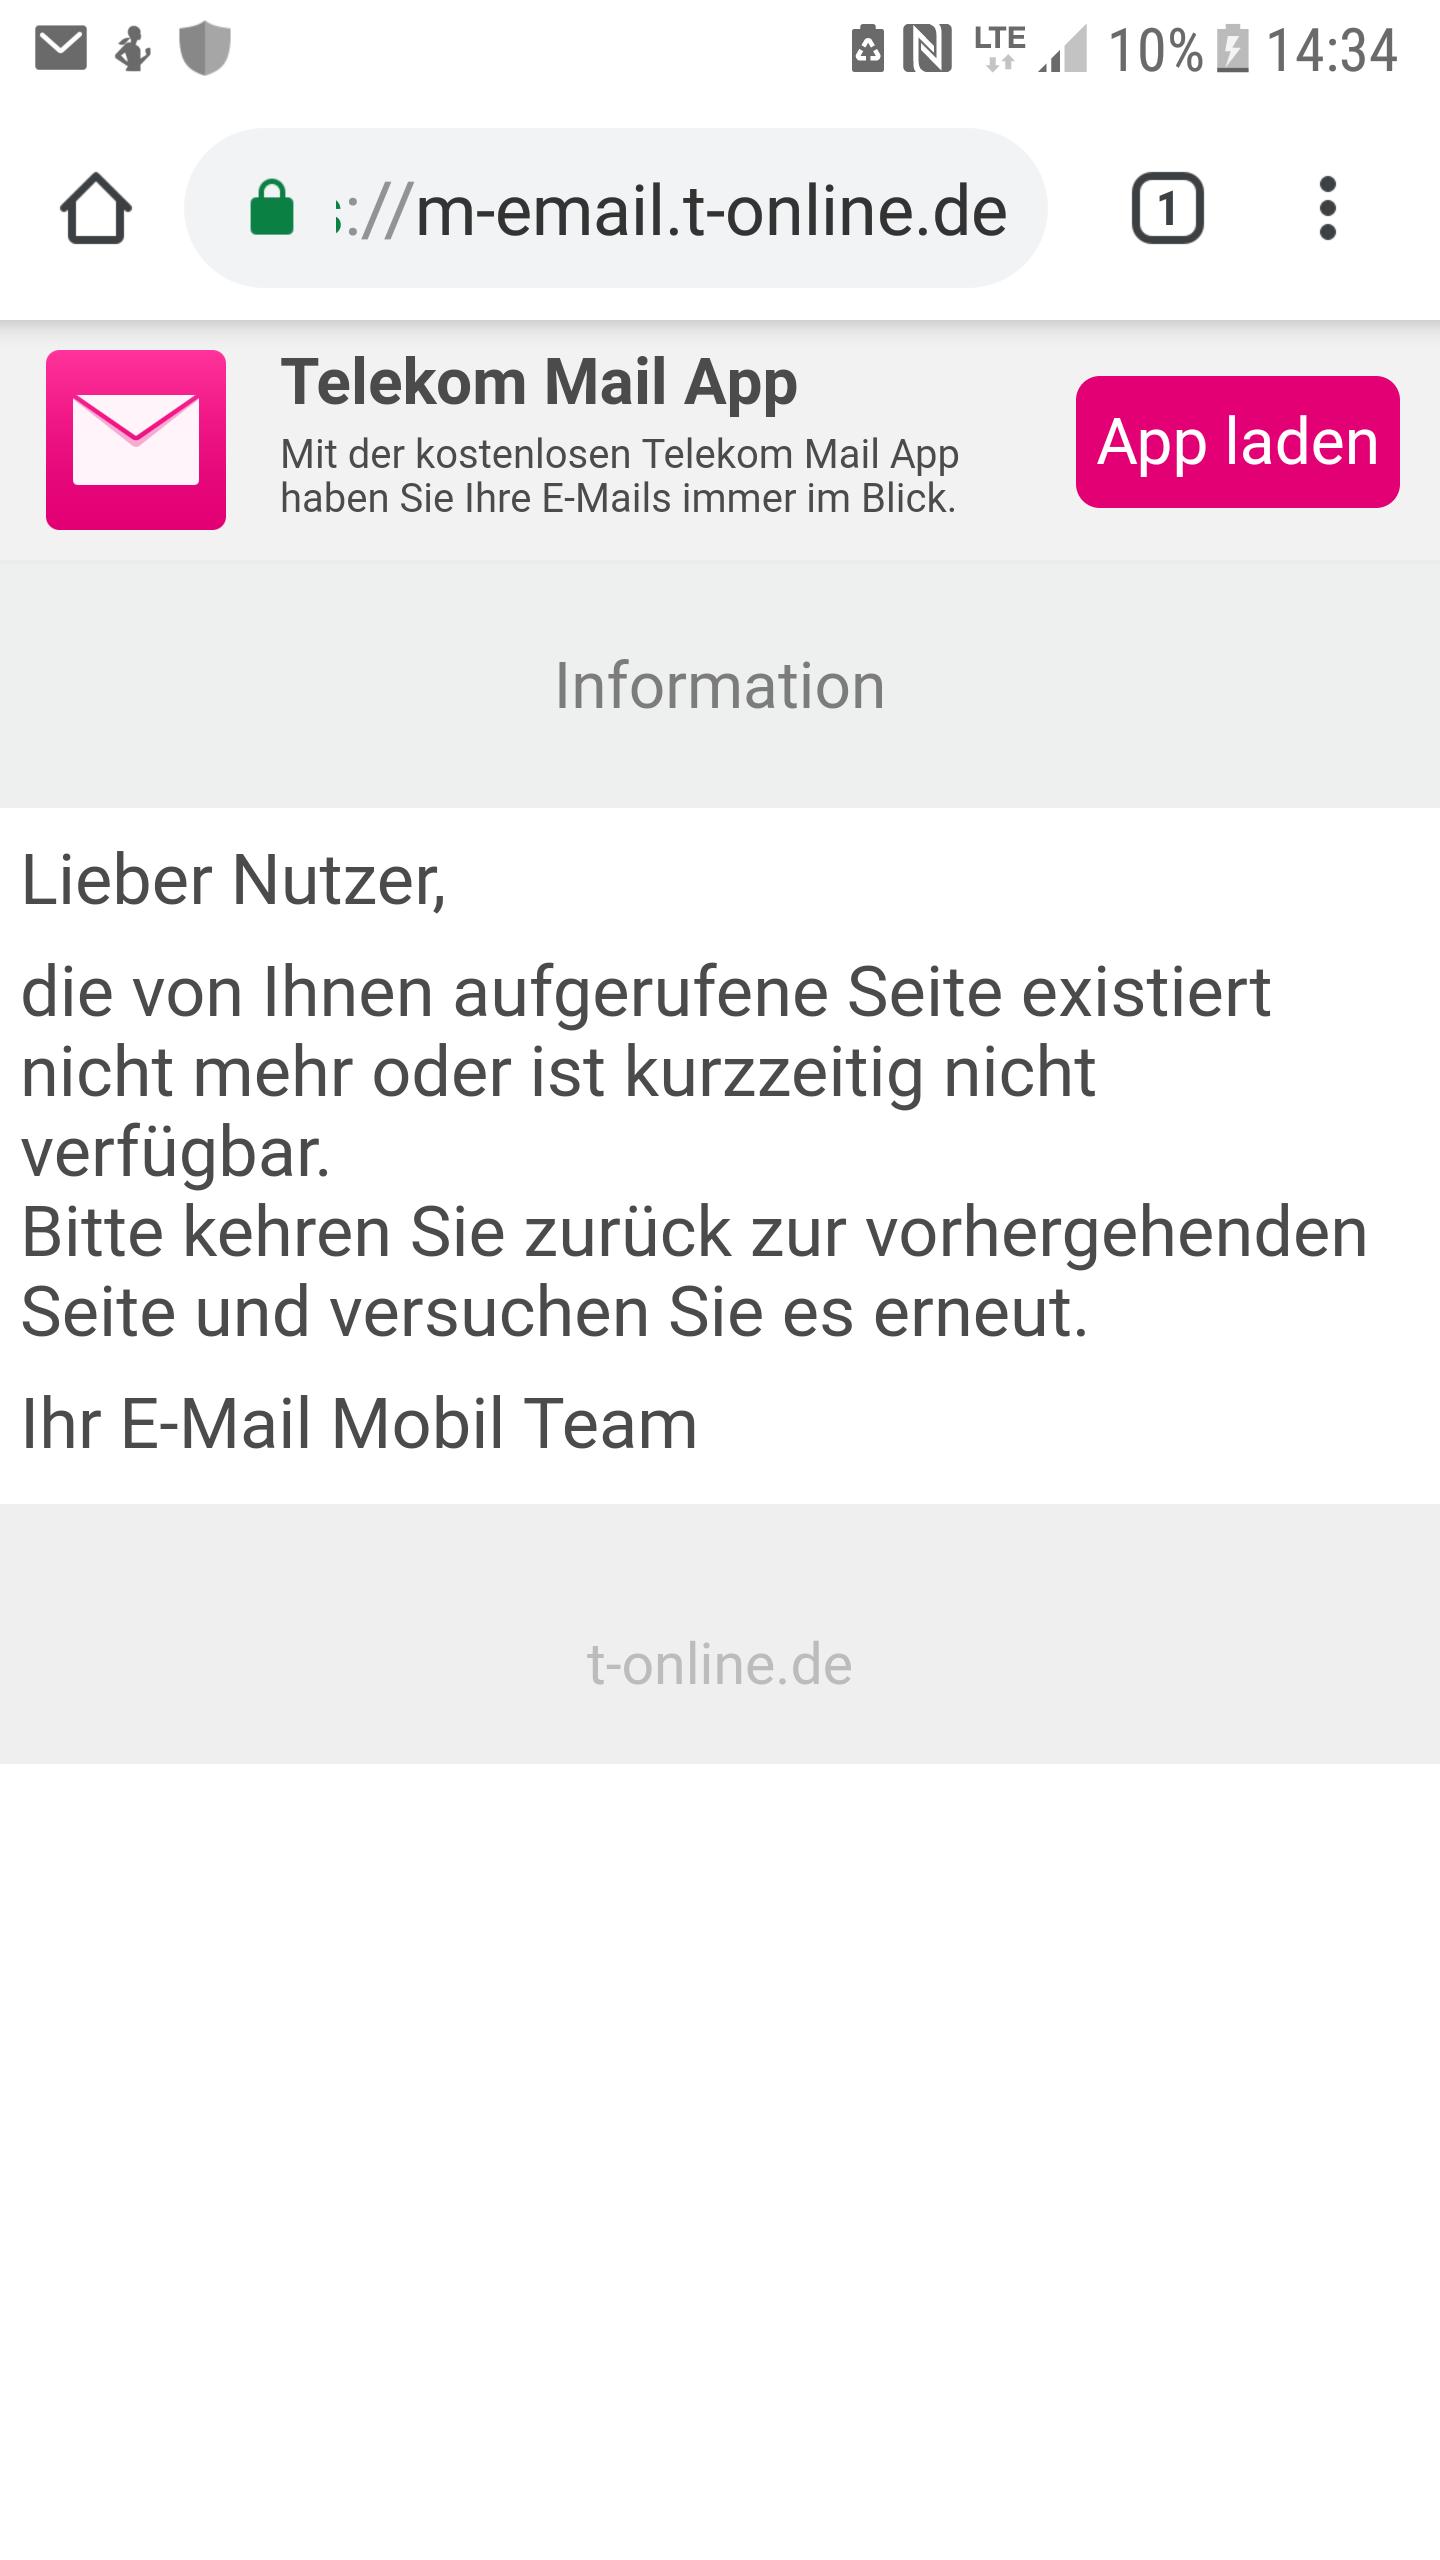 t-online login app